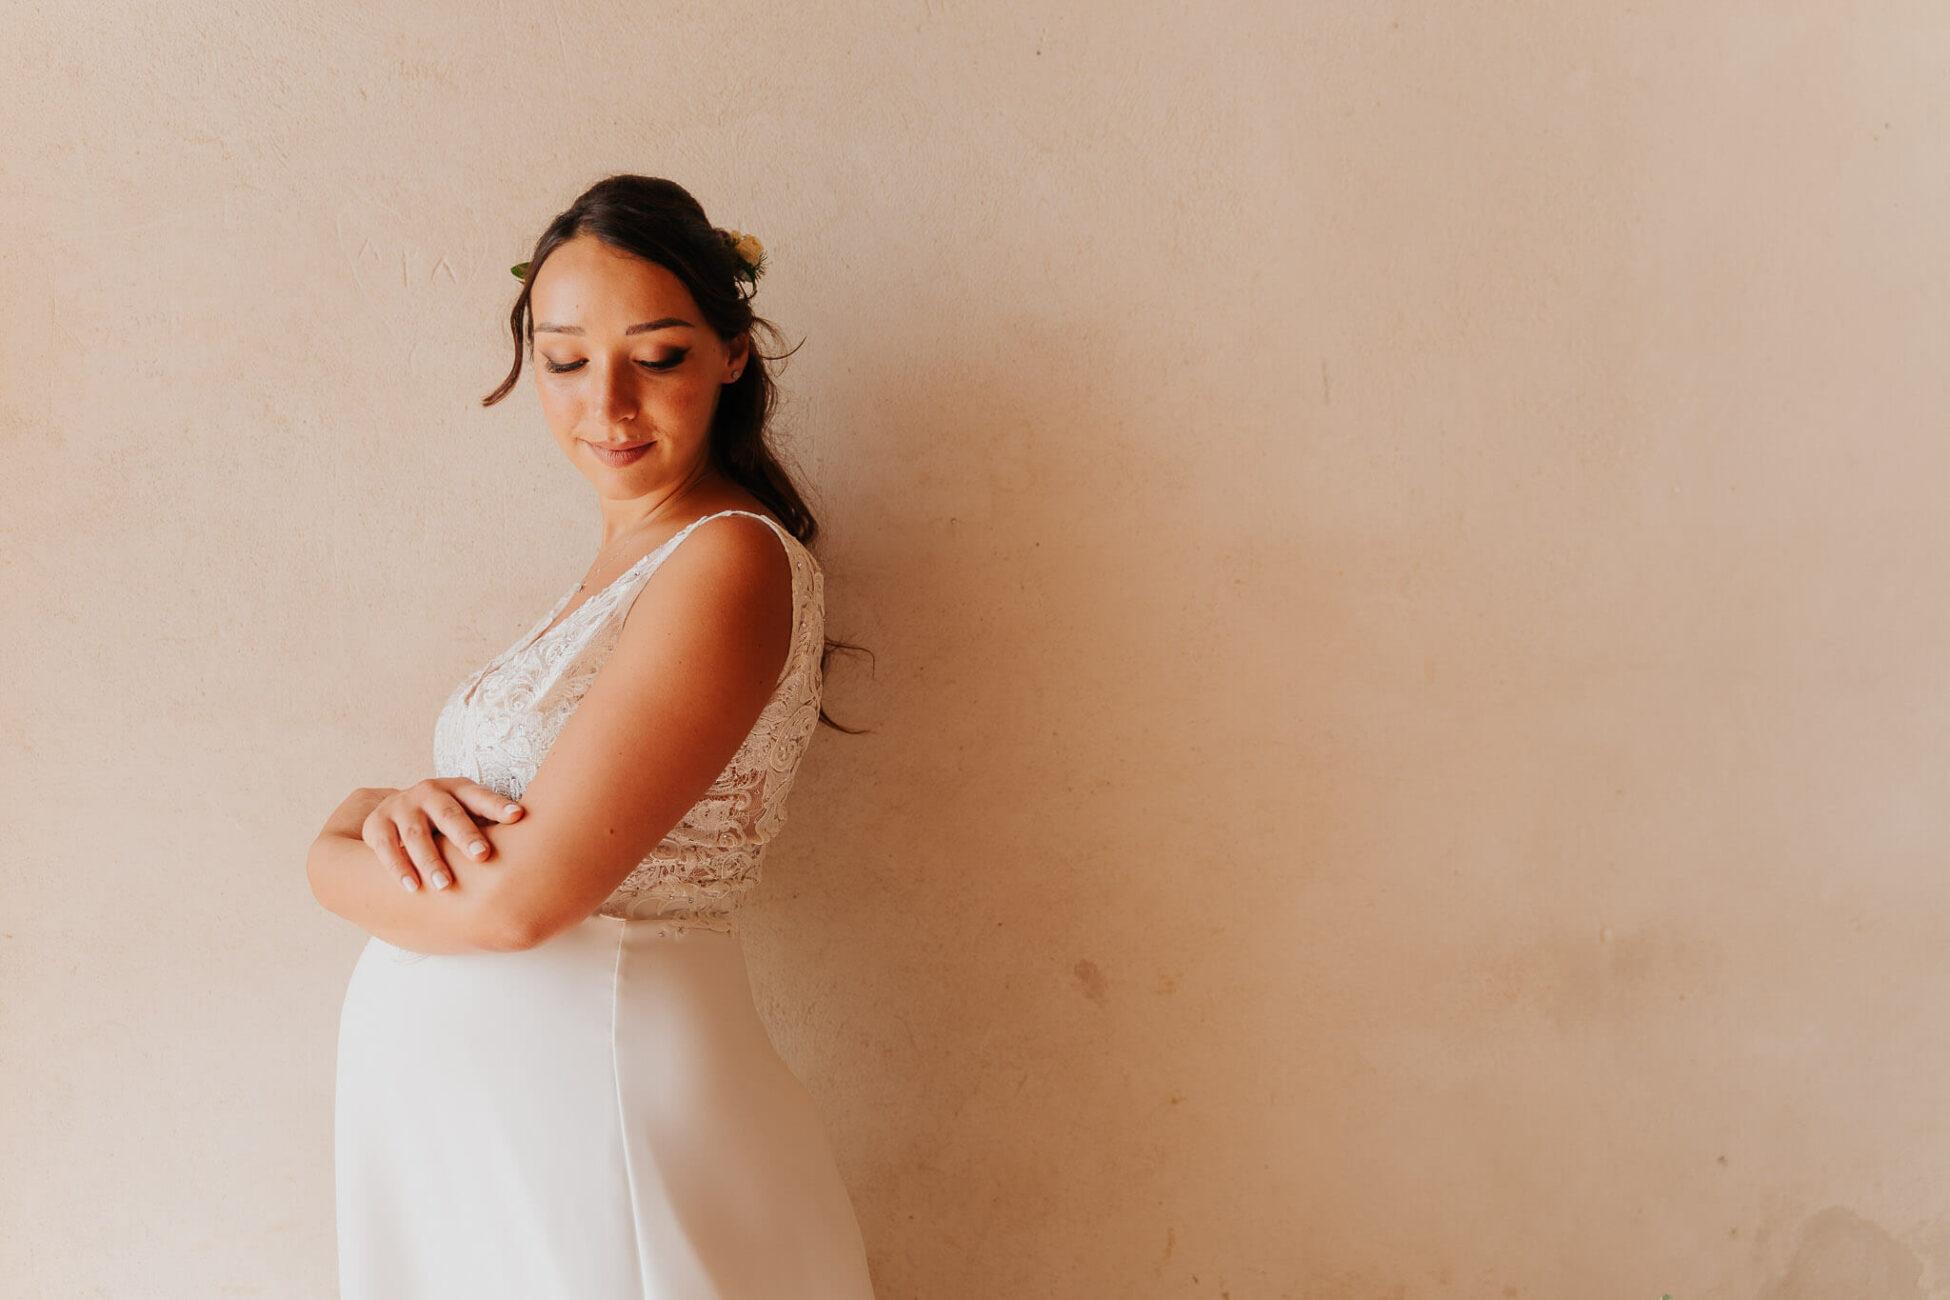 sposarsi-incinta